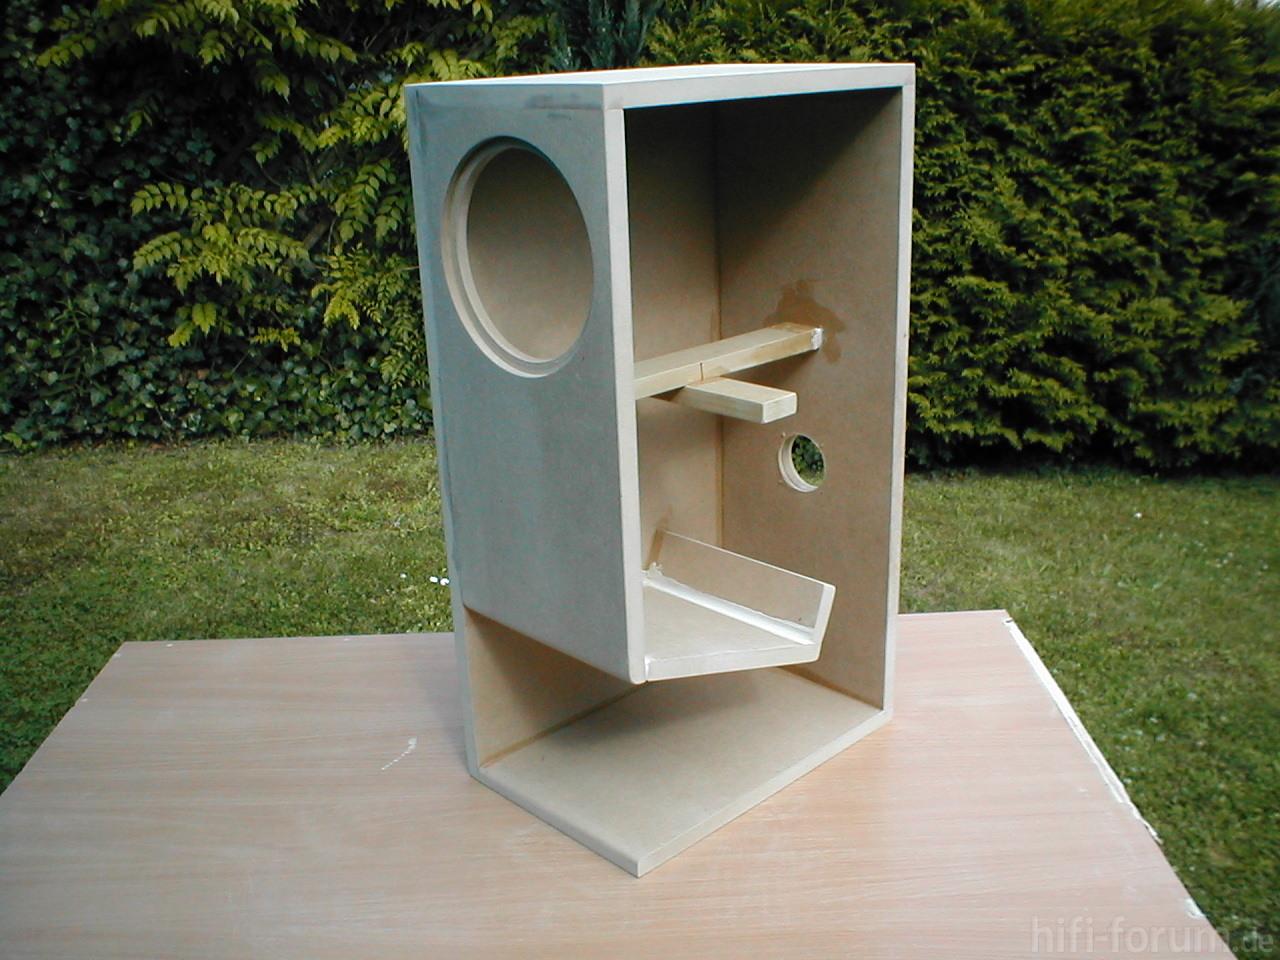 visaton bg17 in br mit hornkehle 1 bg17 br. Black Bedroom Furniture Sets. Home Design Ideas